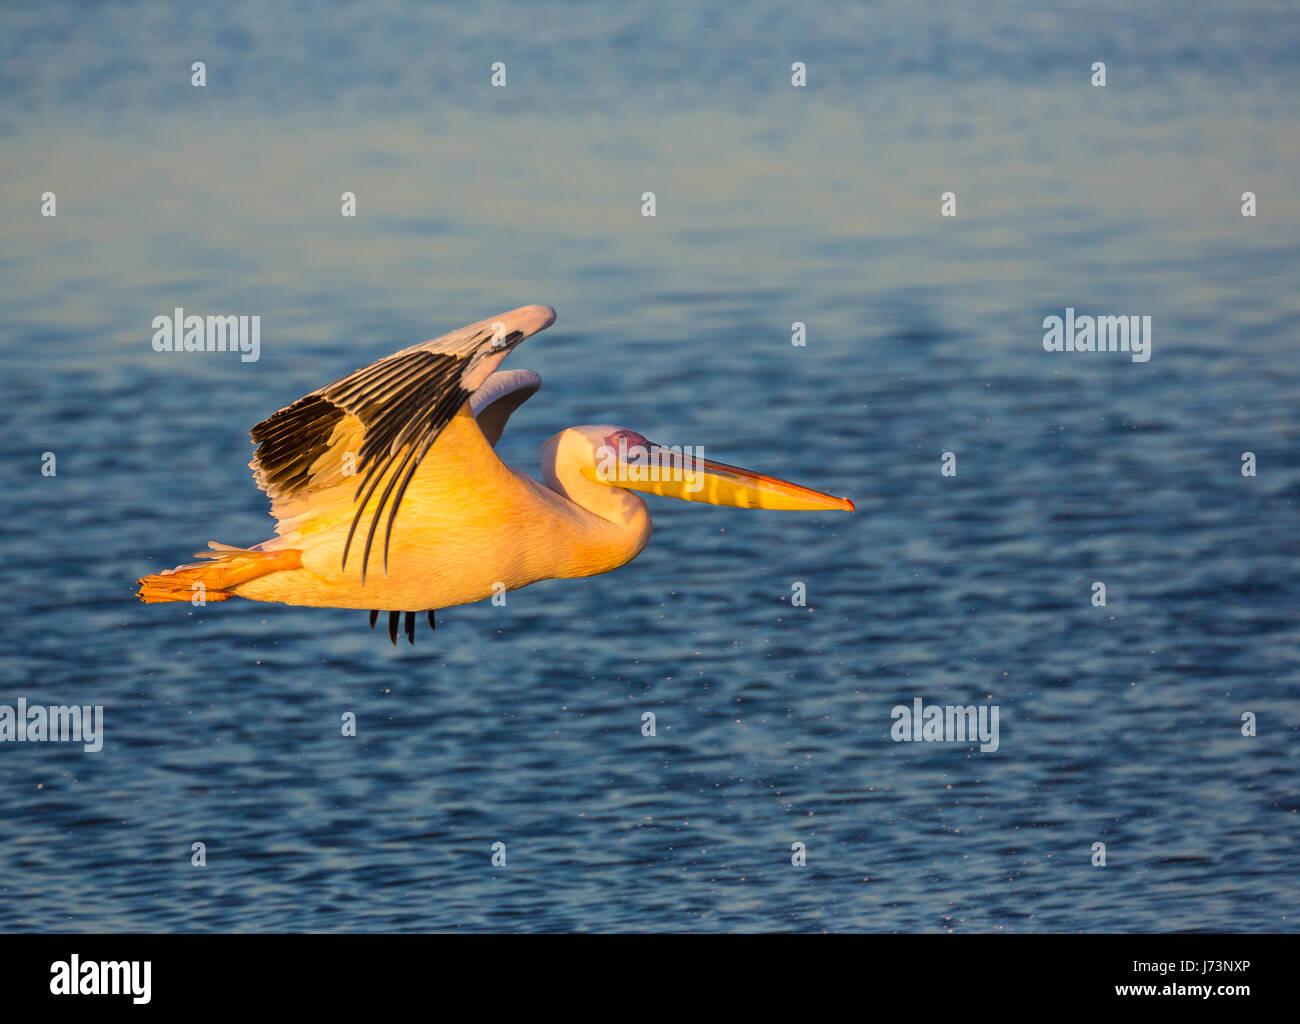 Pellicani sono un genere di grandi uccelli acquatici che compongono la famiglia Pelecanidae. Essi sono caratterizzati Immagini Stock